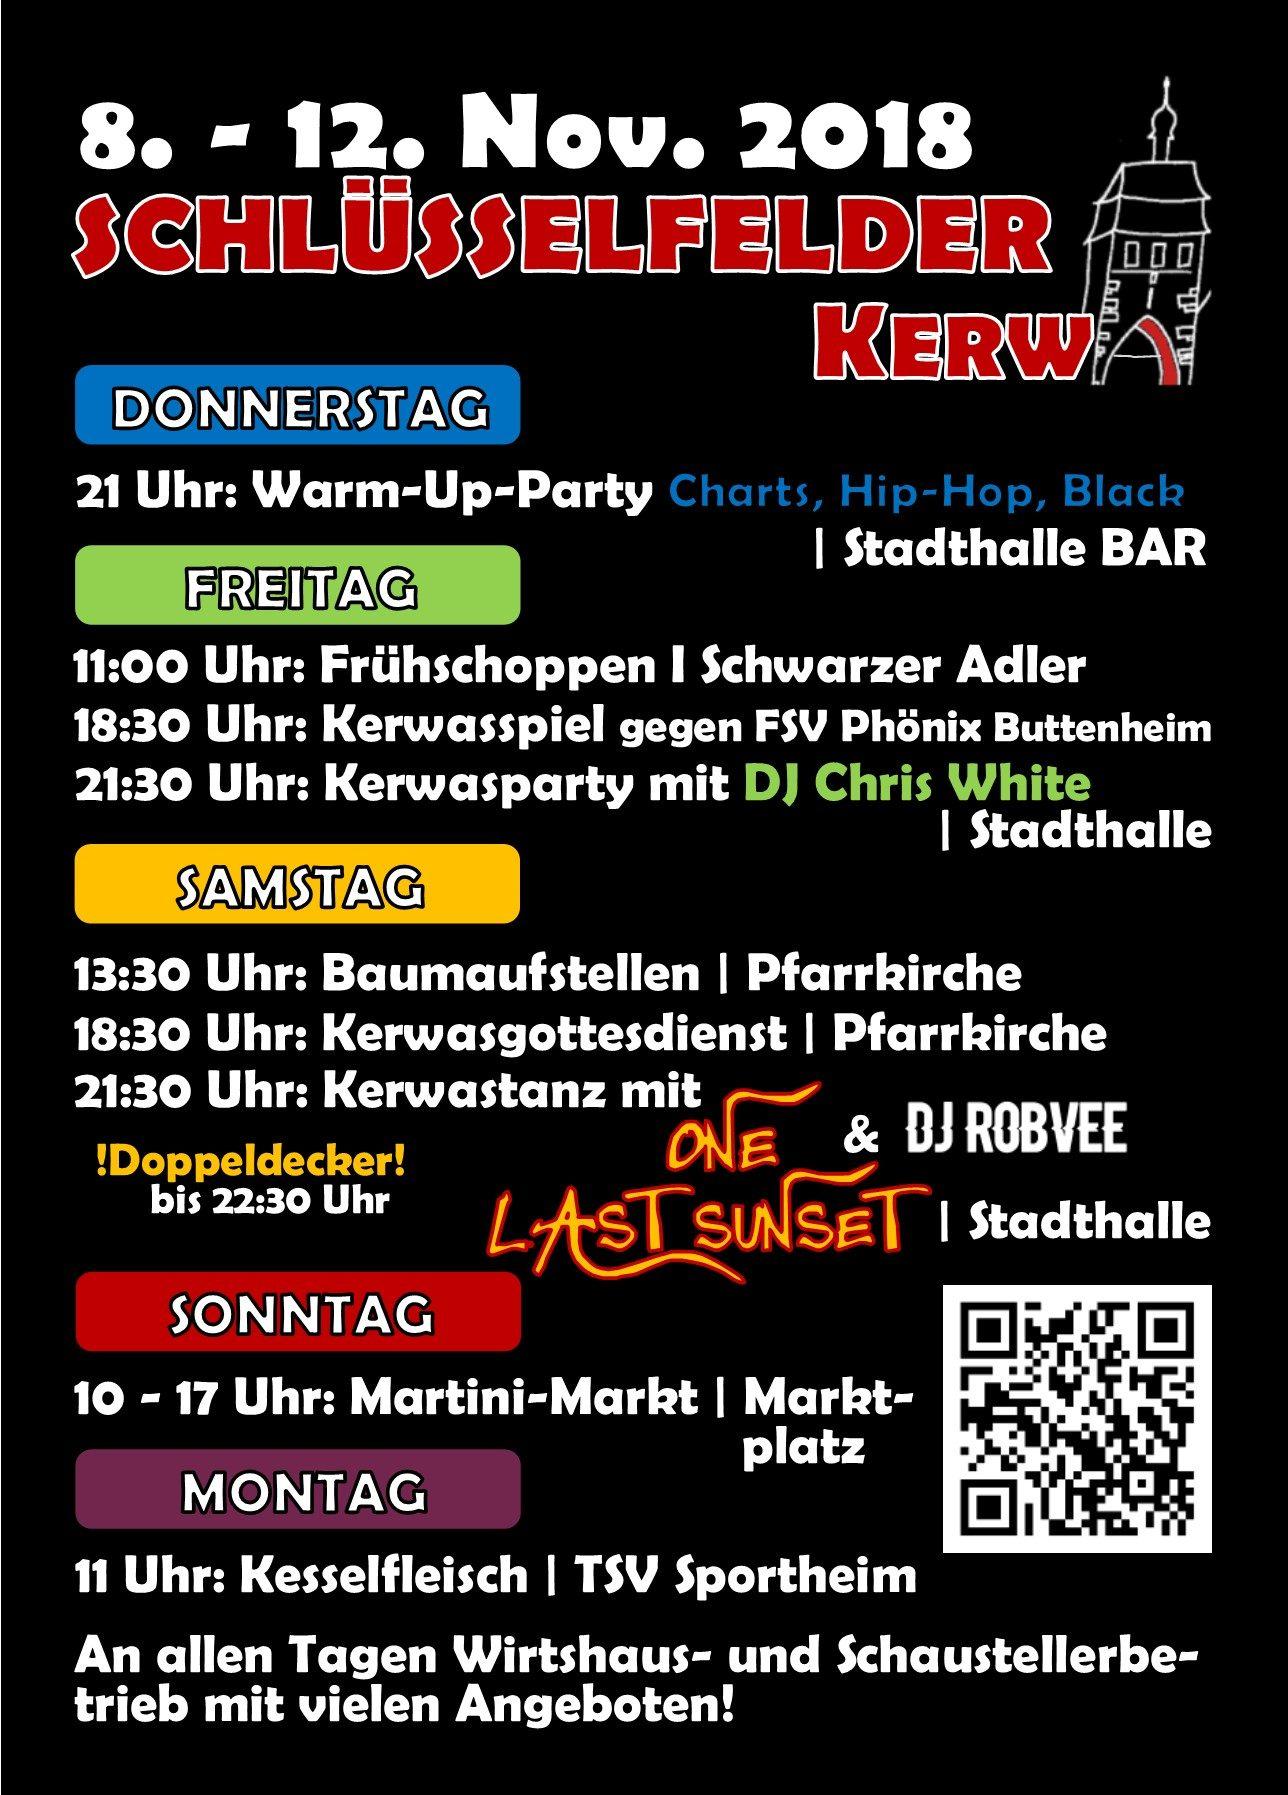 http://www.kerwa-schluesselfeld.de/wp-content/uploads/2018/10/Flyer_A6_Kerwa_2018_front-e1540740752836.jpg